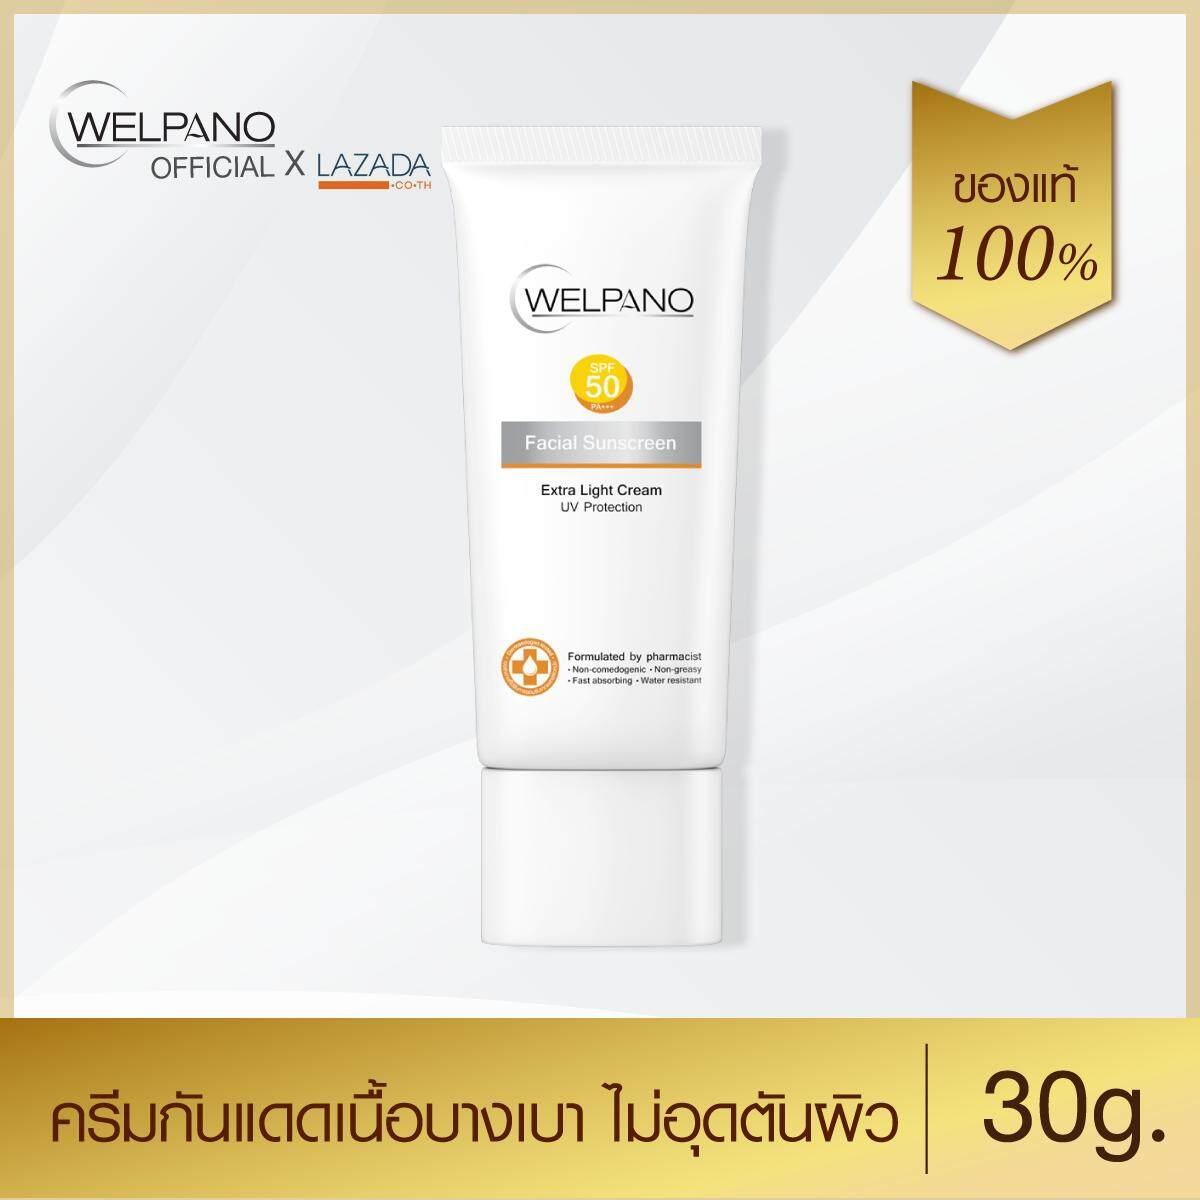 Welpano Facial Sunscreen SPF50 PA+++